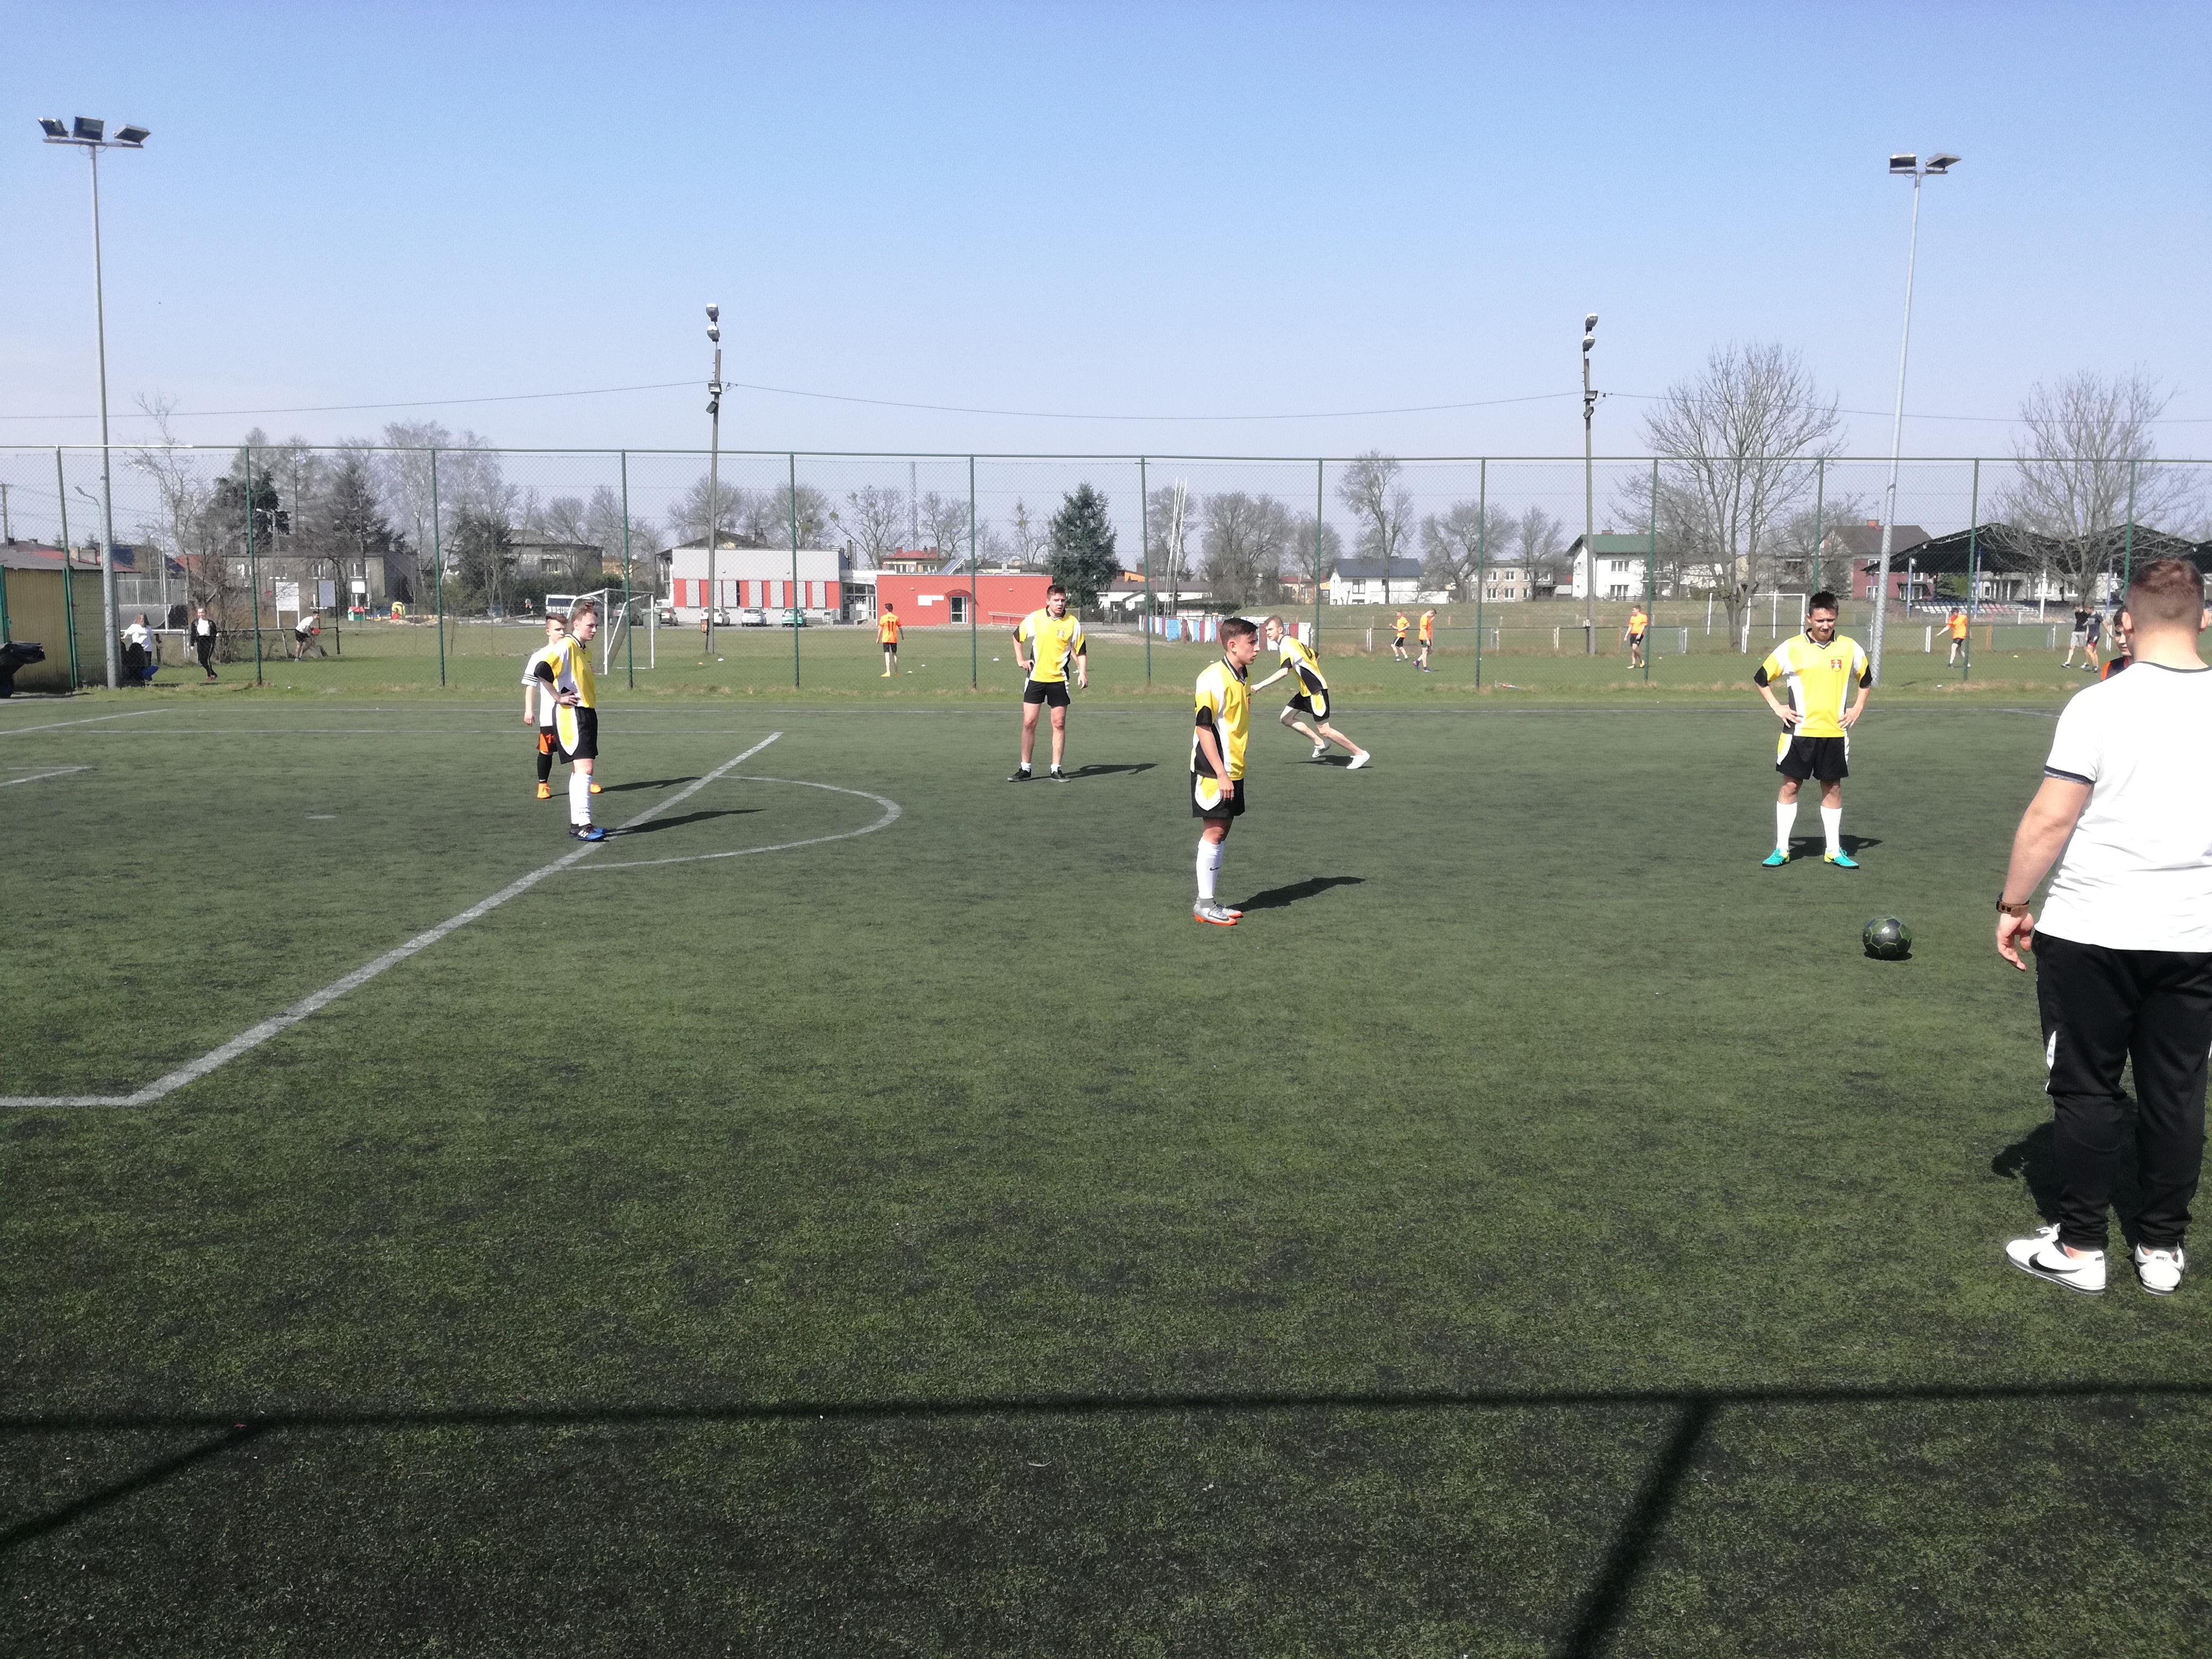 Mistrzostwa_Powiatu_Łódzkiego_Wschodniego_w_piłce_nożnej_(2)